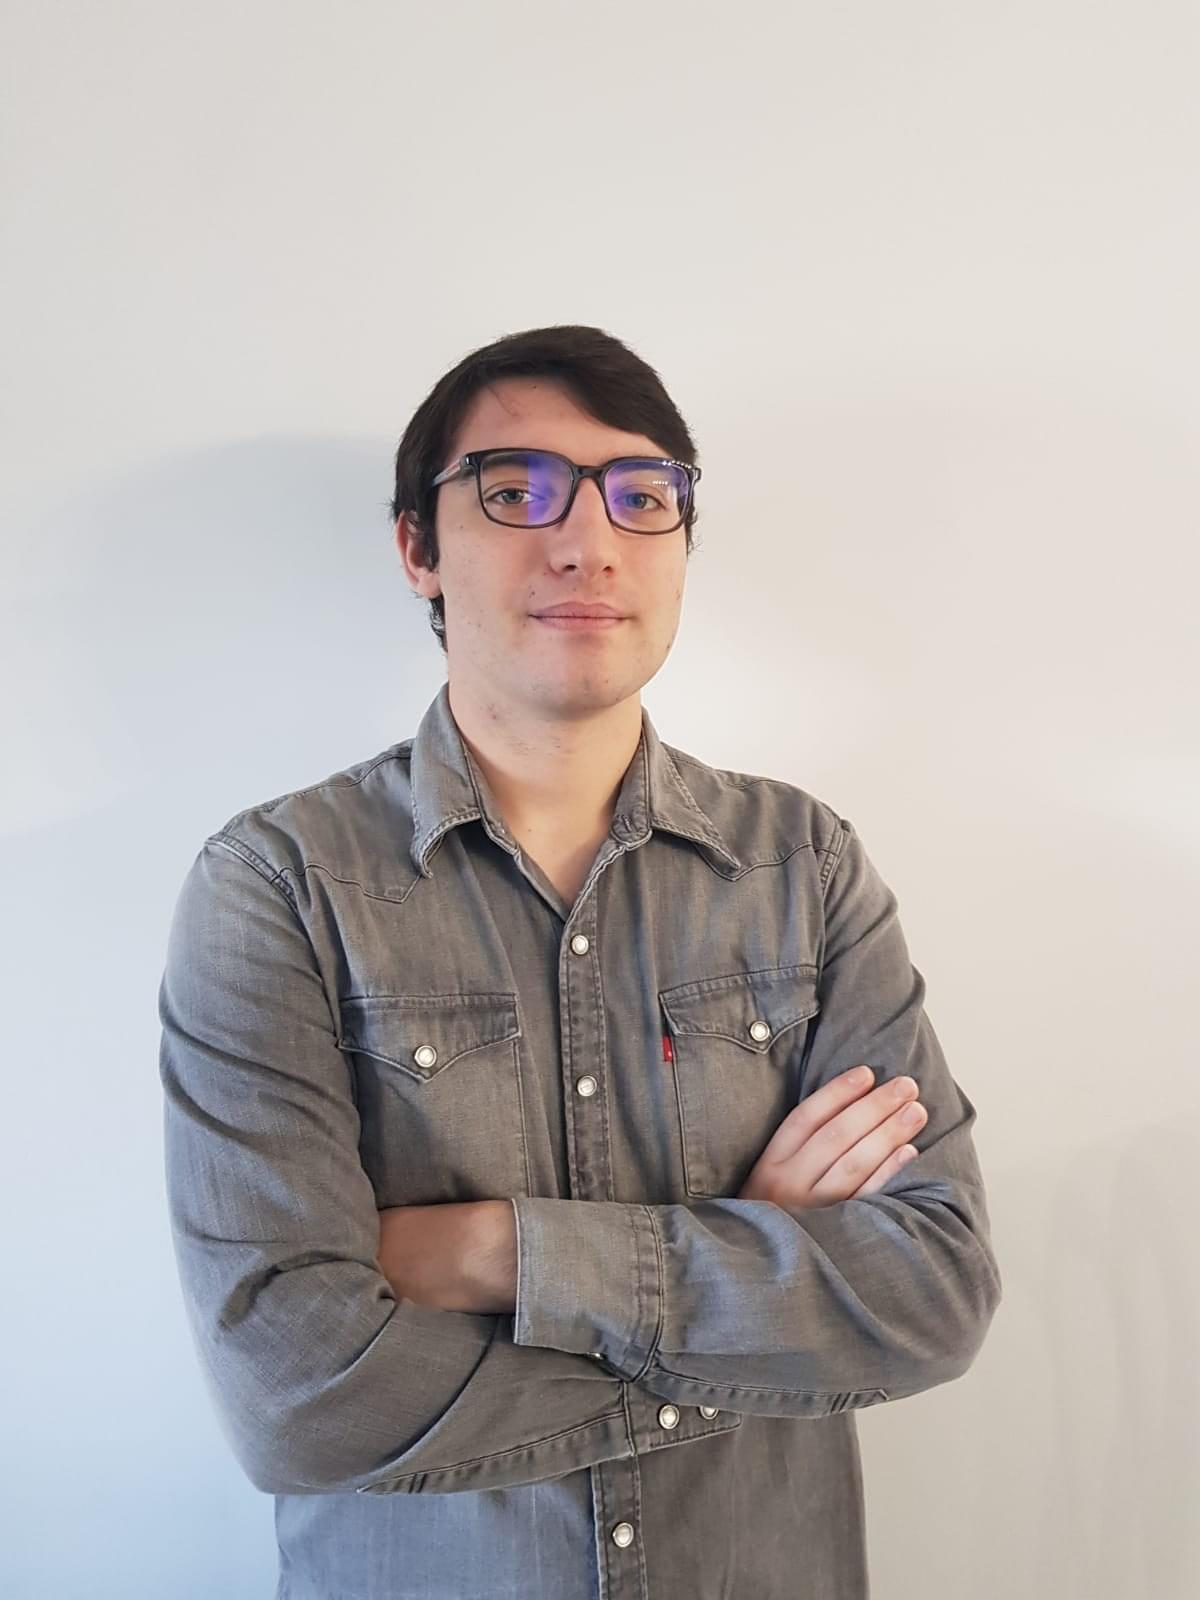 Sebastien Desideri